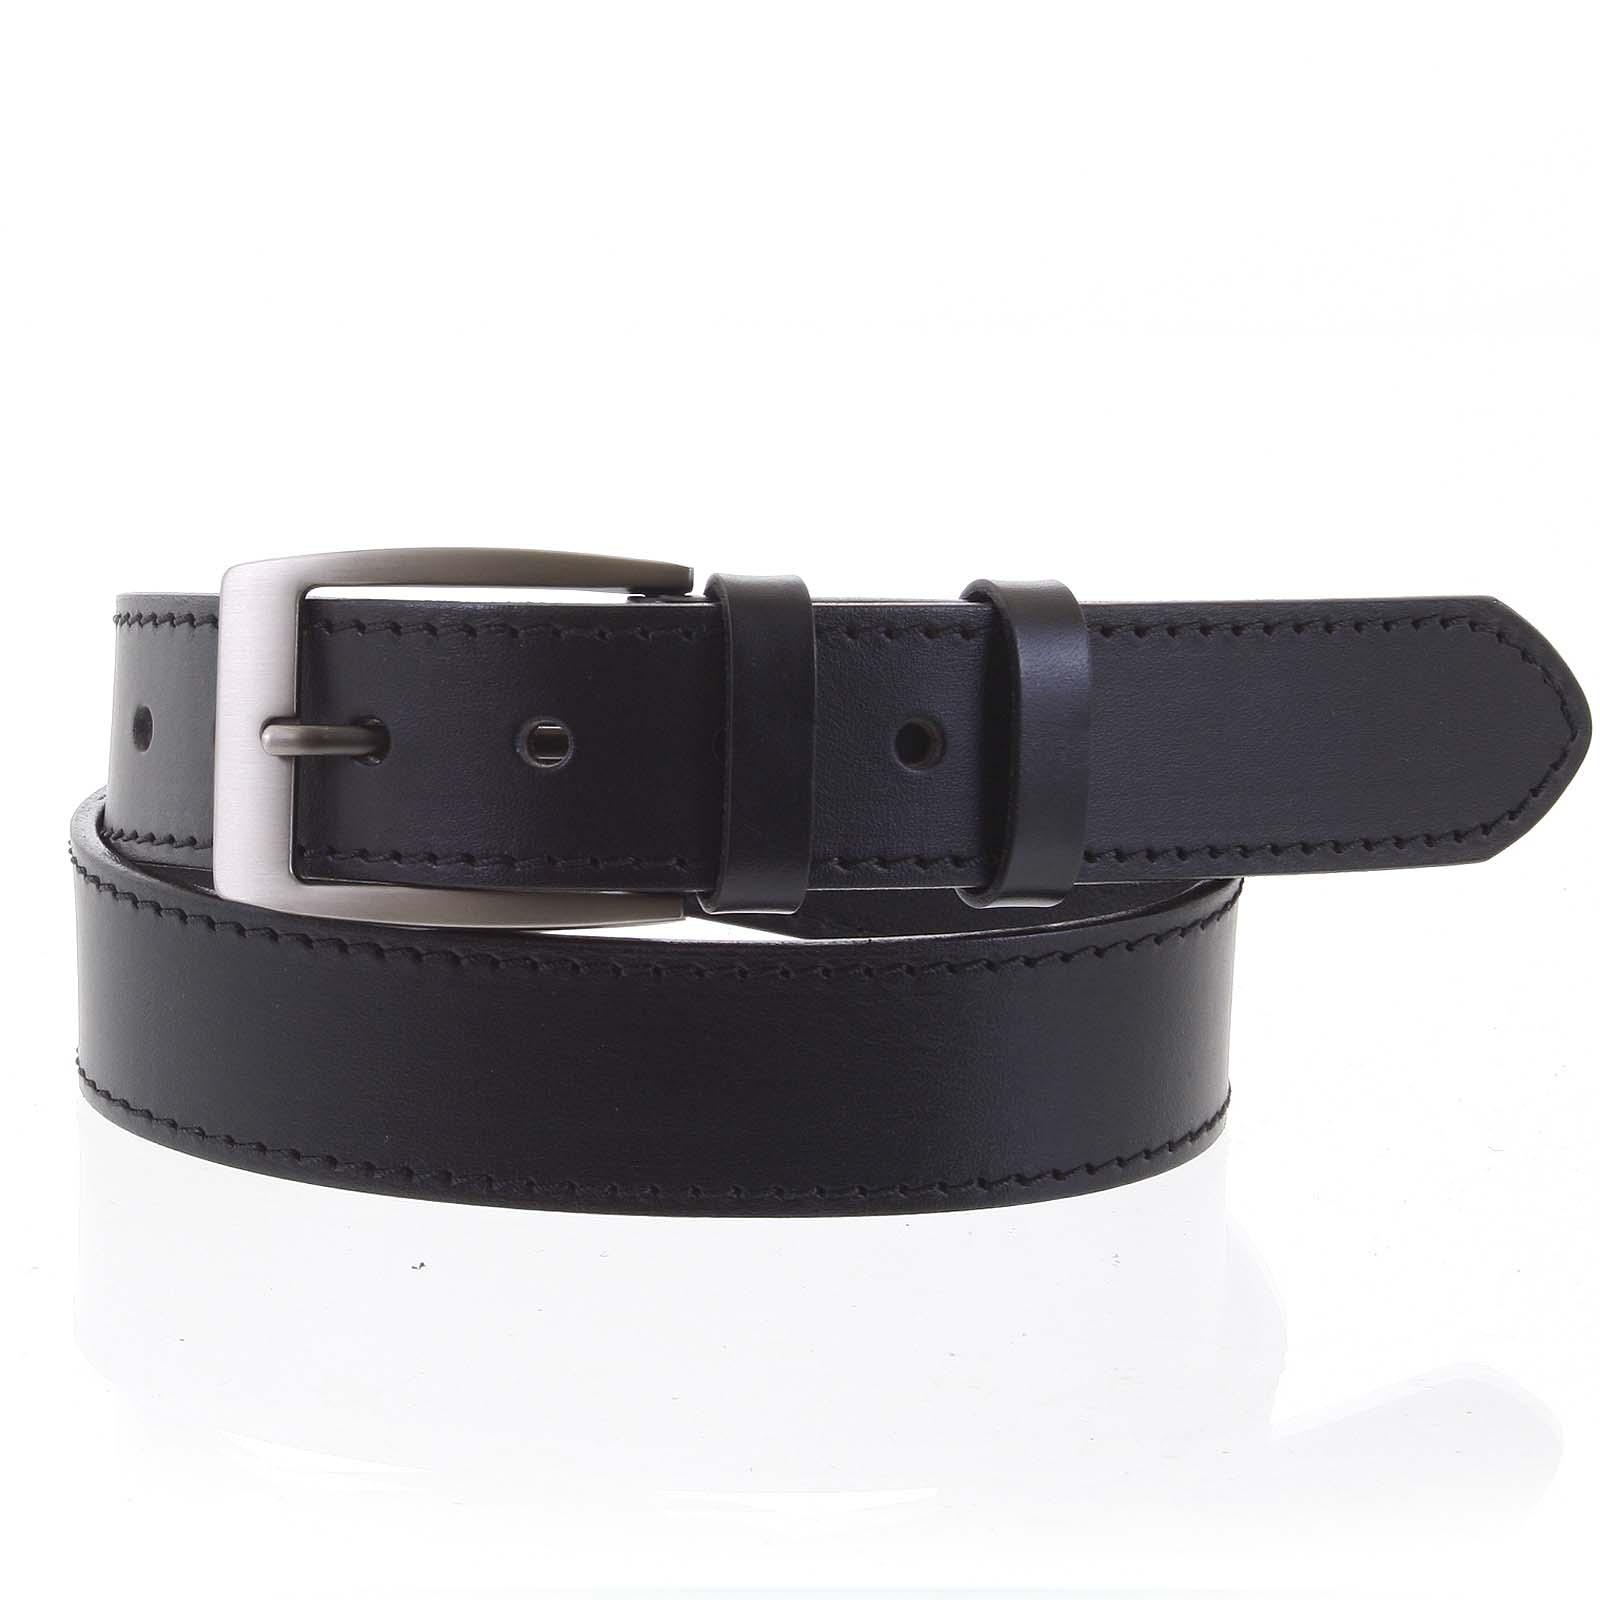 Pánský kožený opasek jeansový černý - PB Adami 115